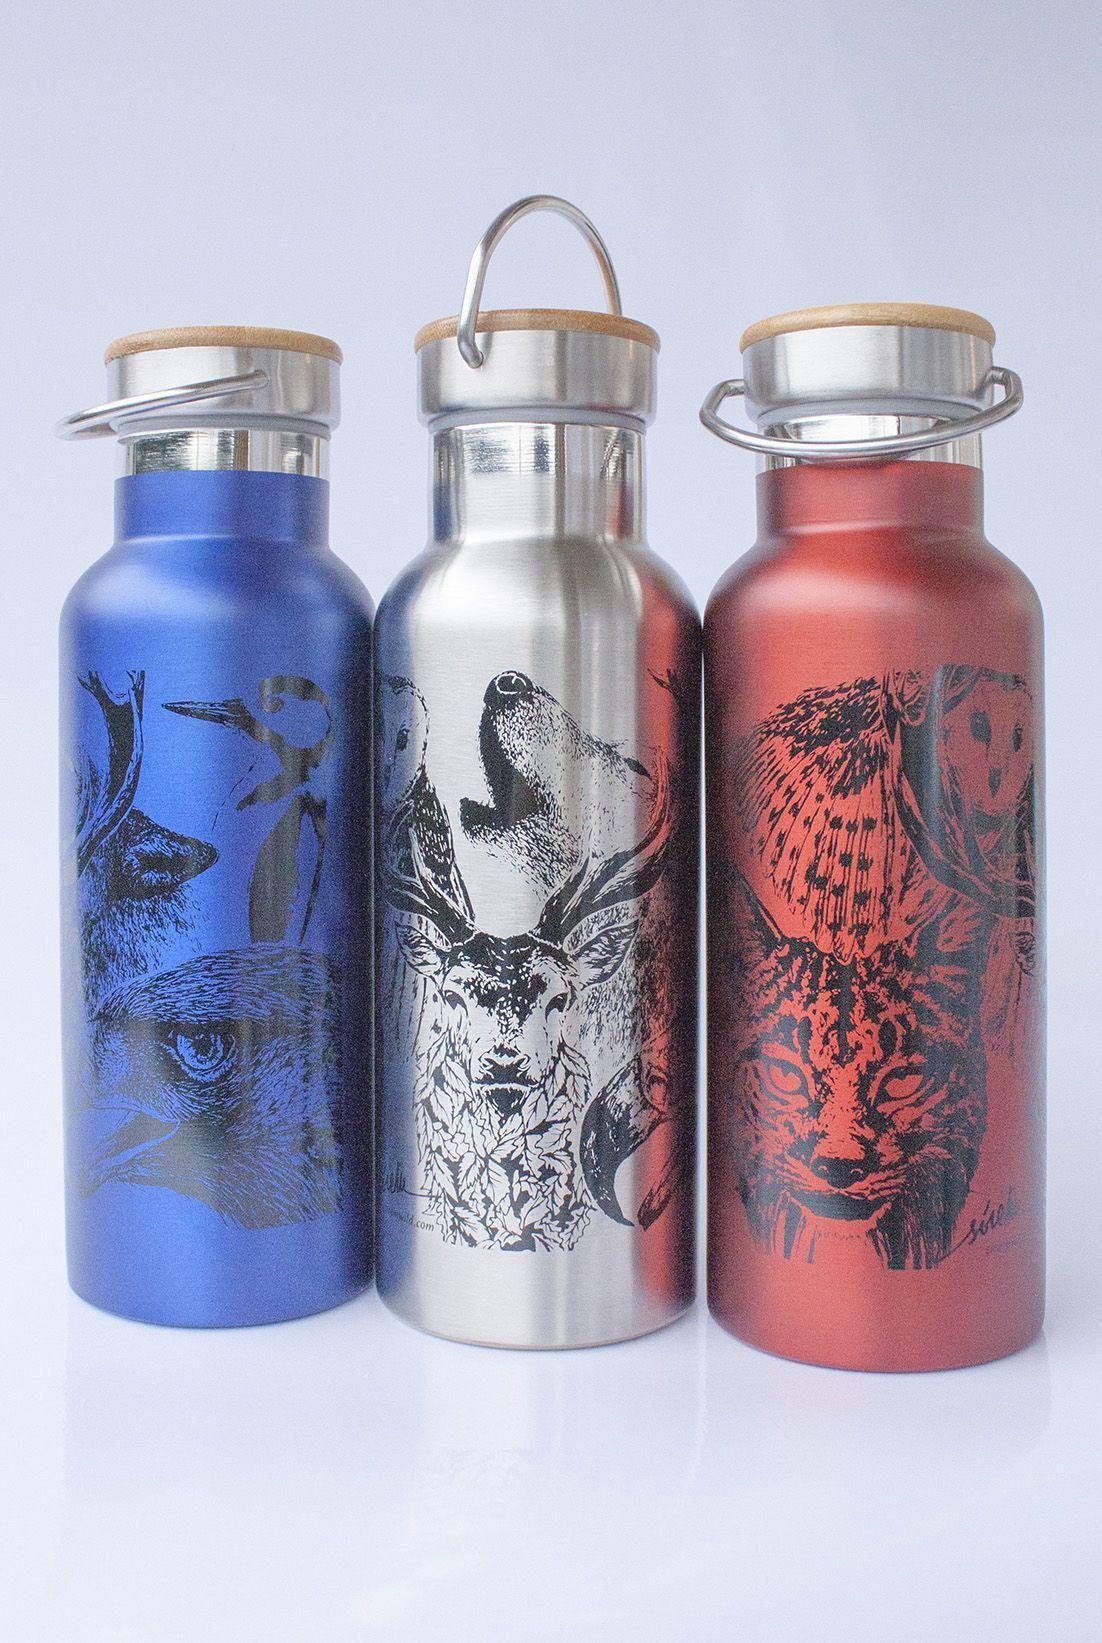 botella termo reutilizable-acero inoxidable-500ml-dibujos animales-zero waste-plata gris-azul-roja-tapon bambu